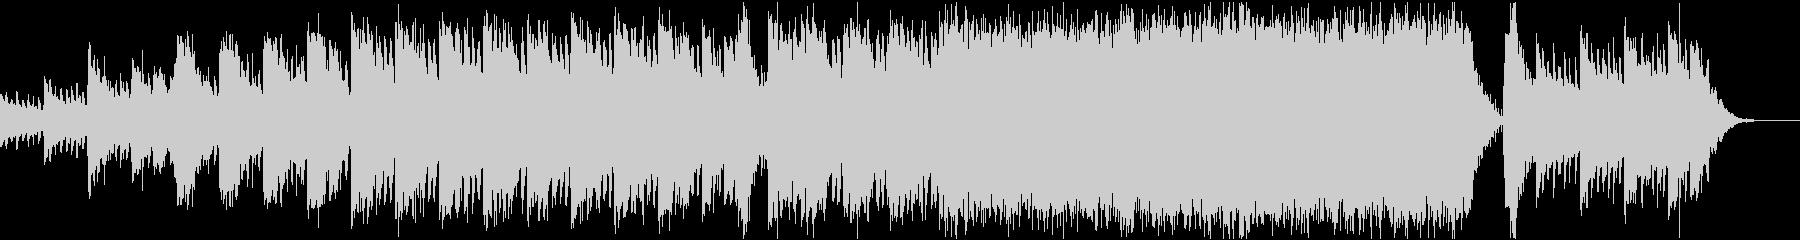 深い弦の歌詞のピアノ、パワフルなウェーブの未再生の波形